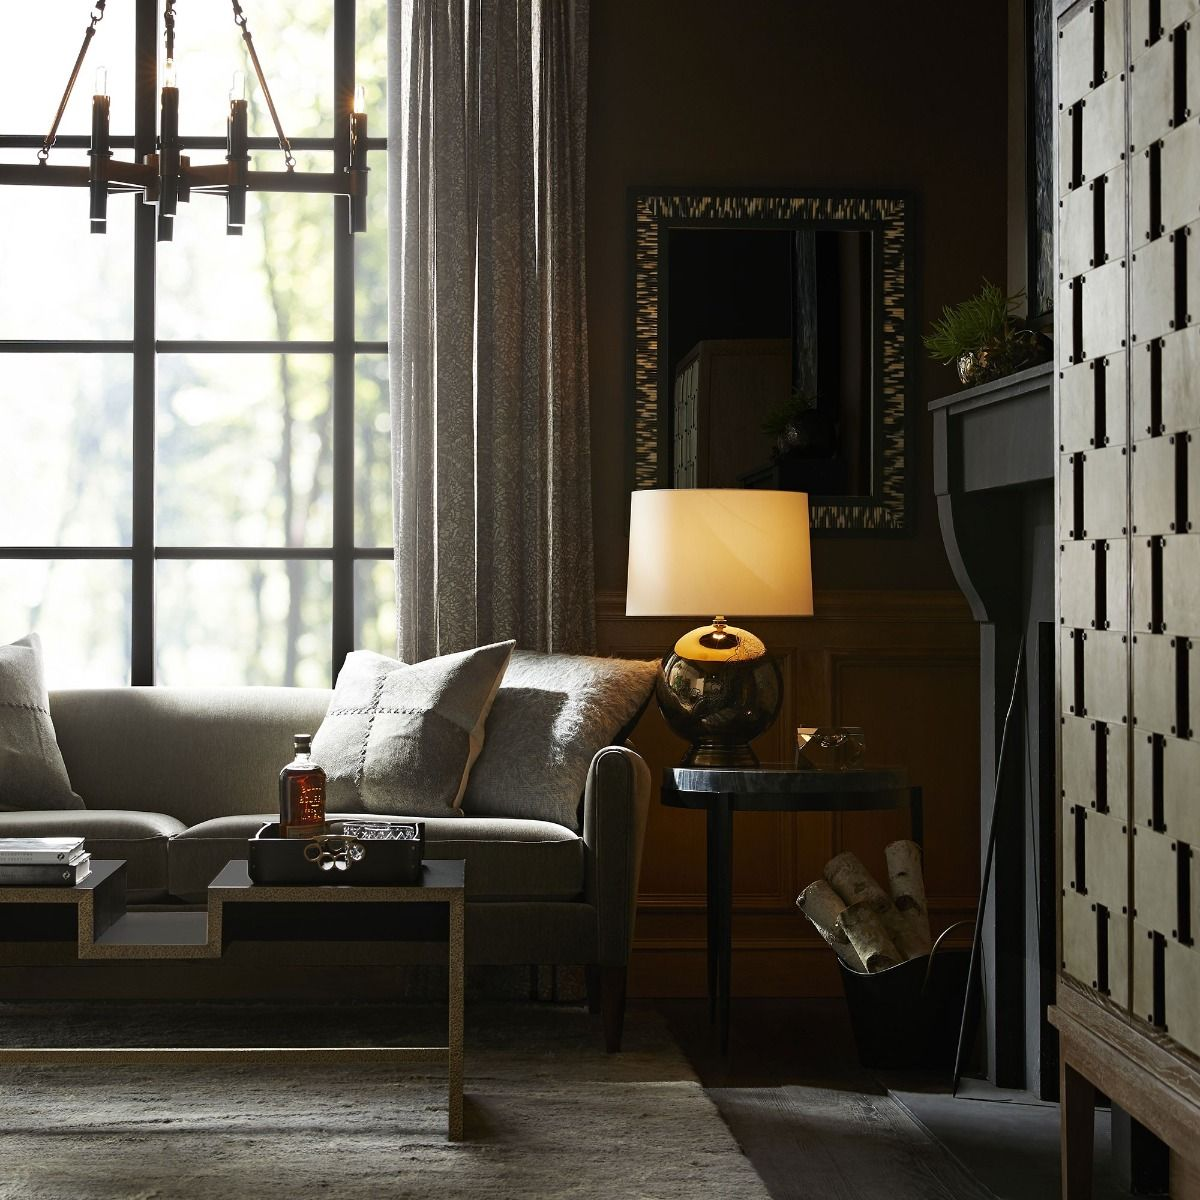 How Do I Choose an Interior Light?